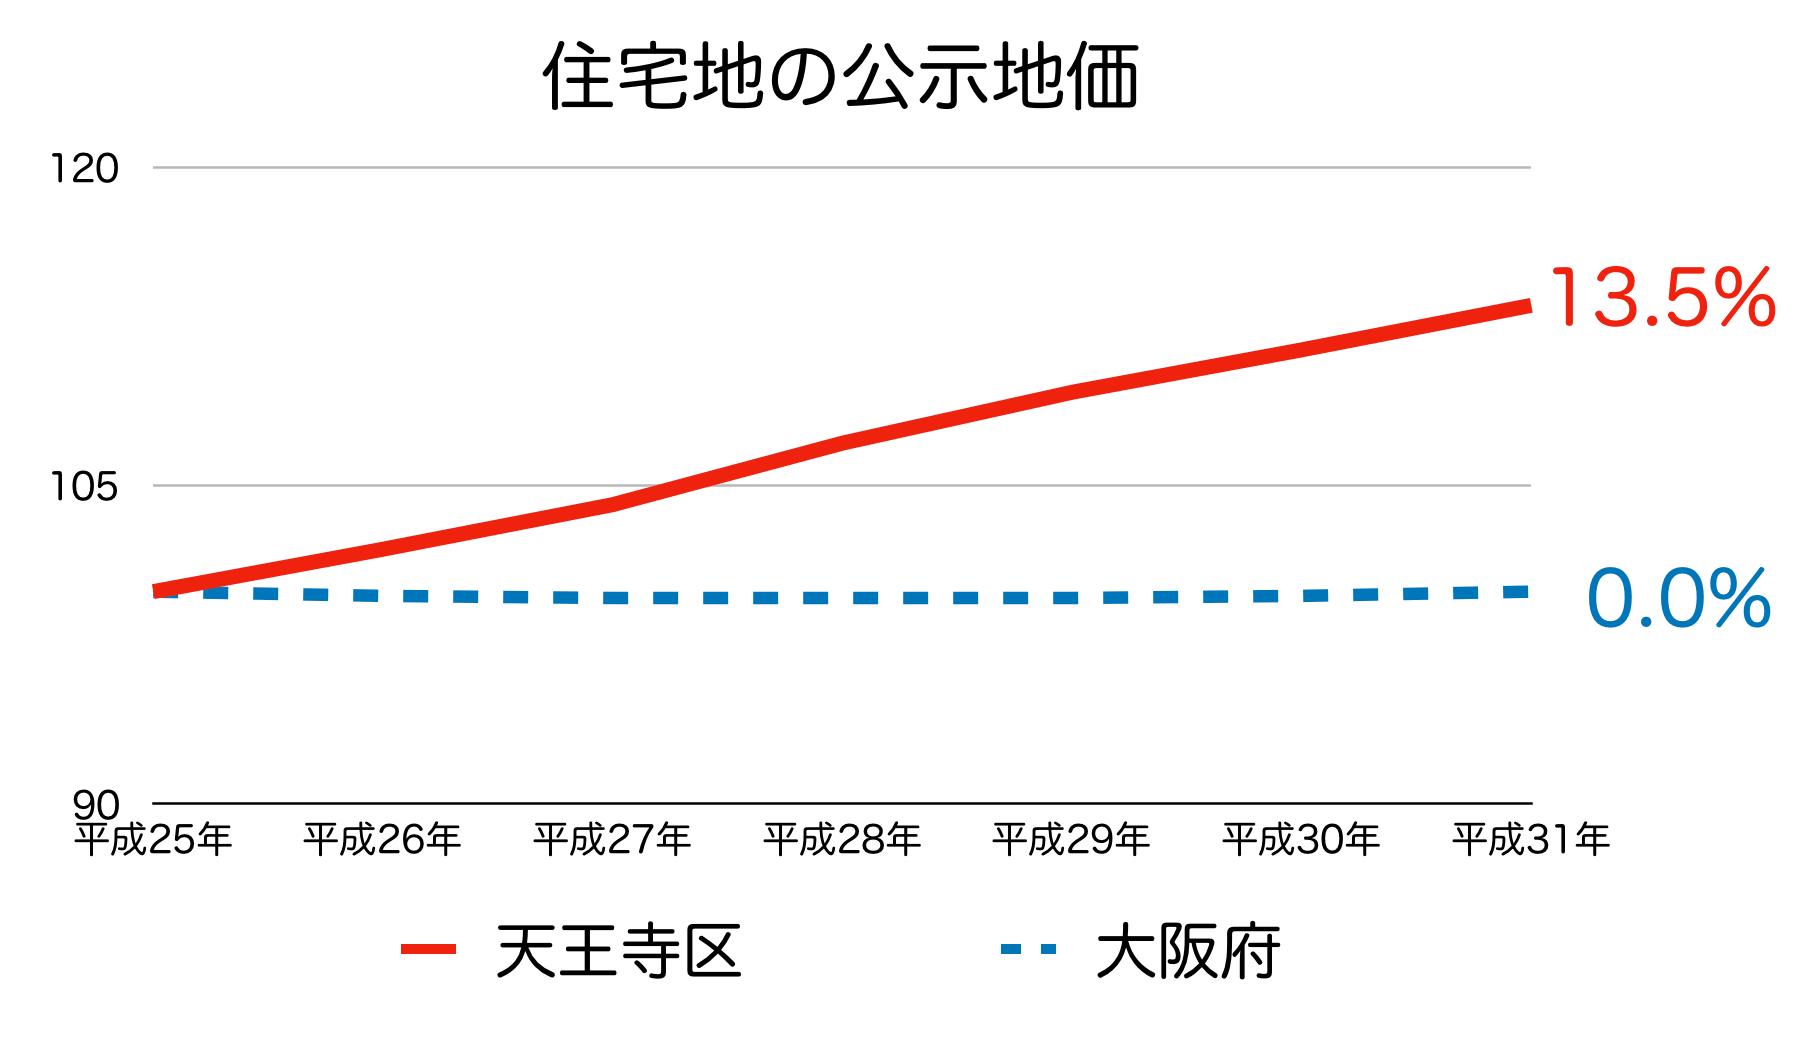 大阪市天王寺区の公示地価 H25-H31